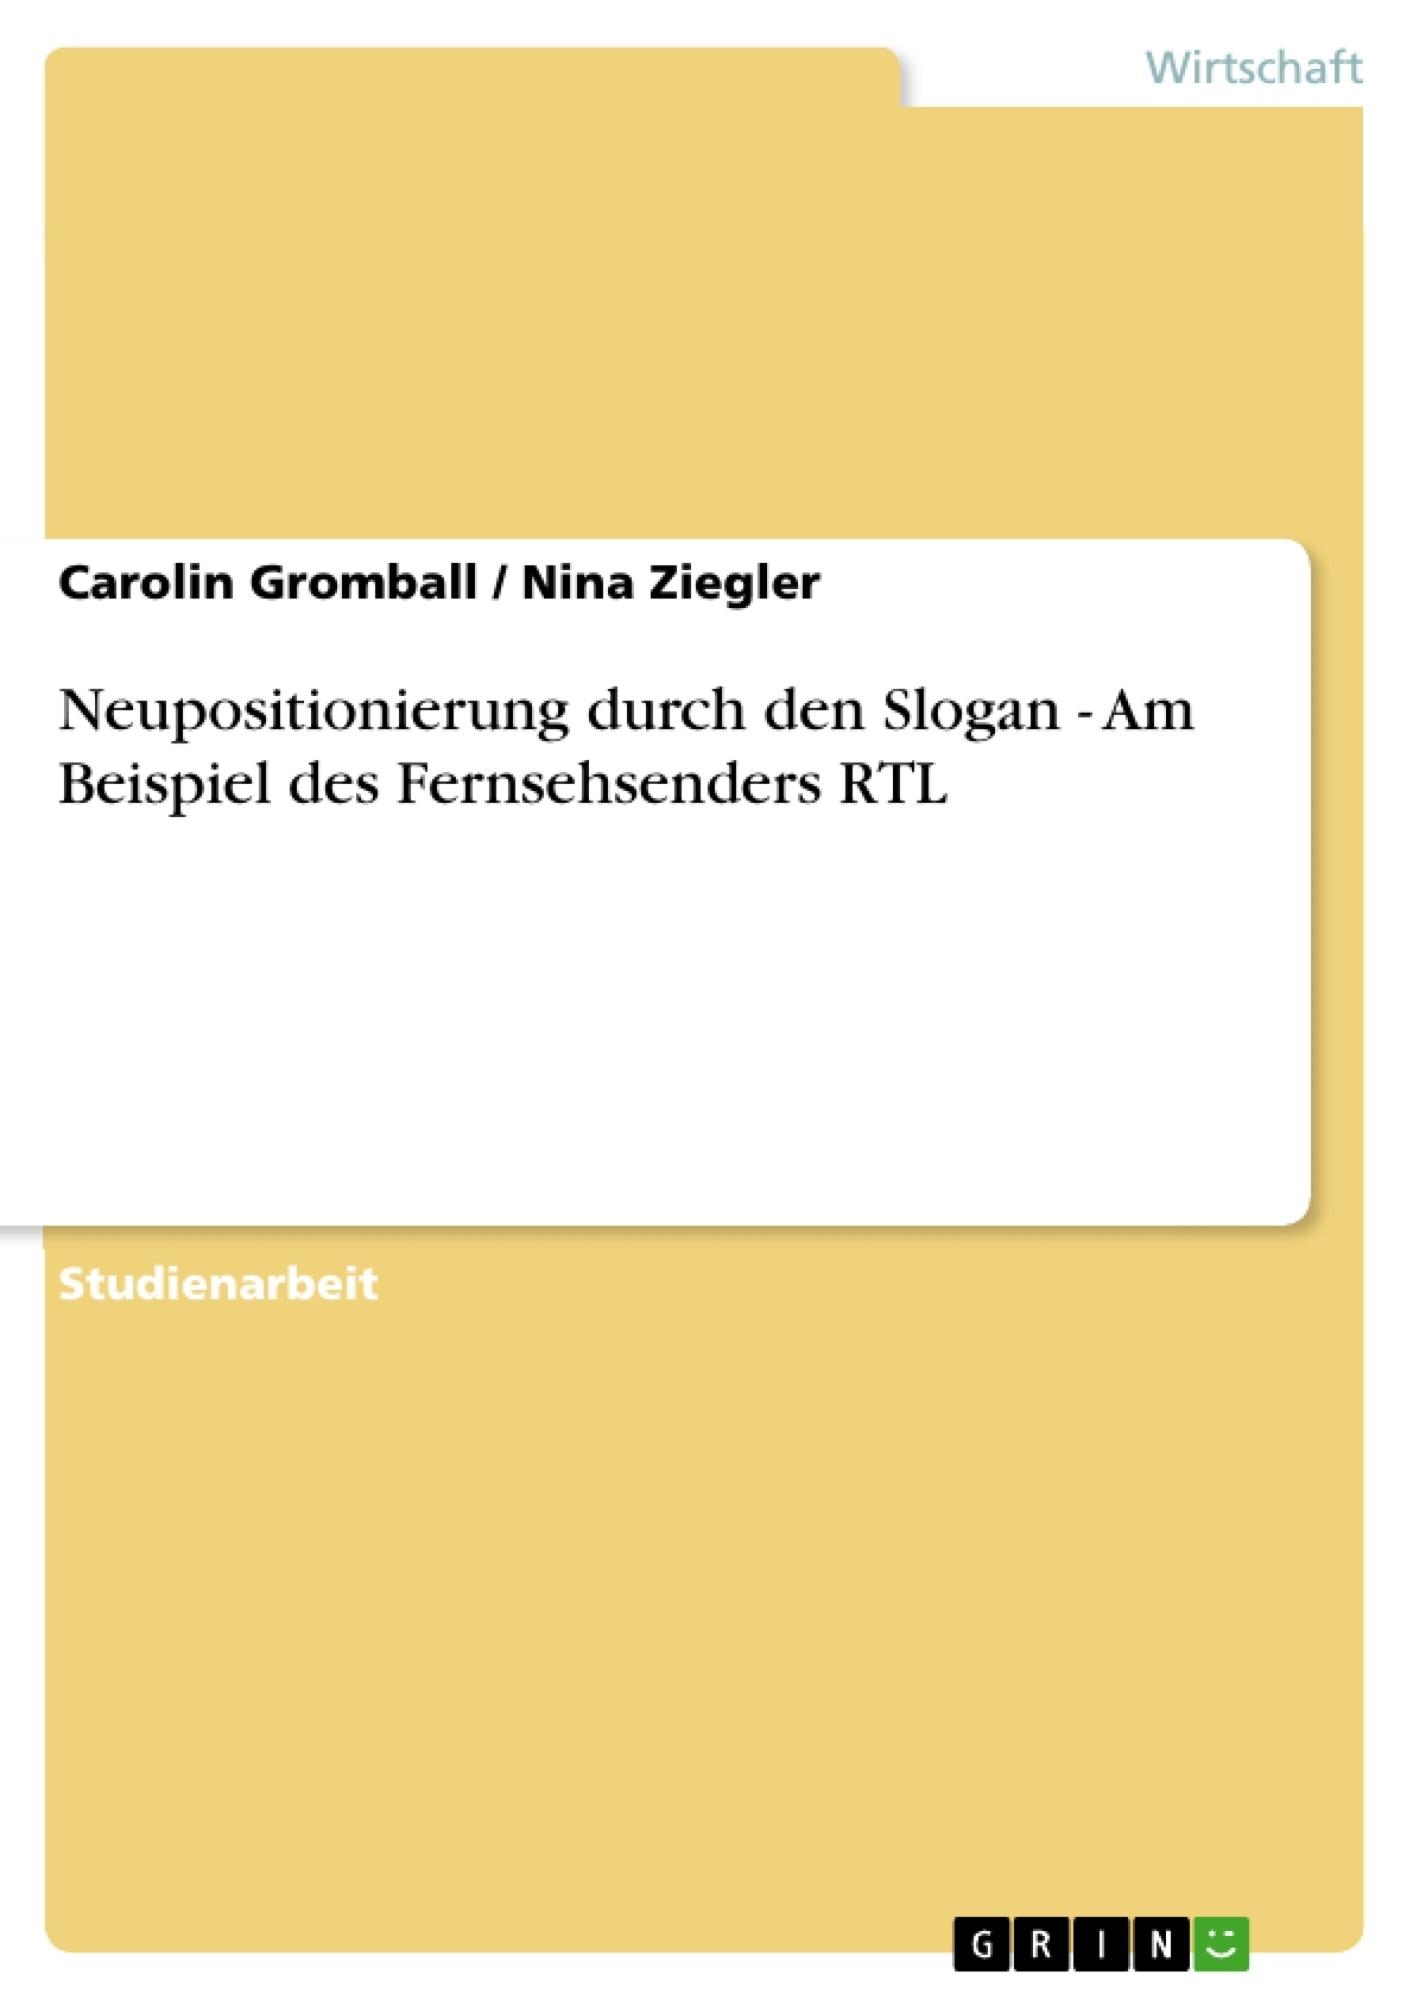 Titel: Neupositionierung durch den Slogan - Am Beispiel des Fernsehsenders RTL